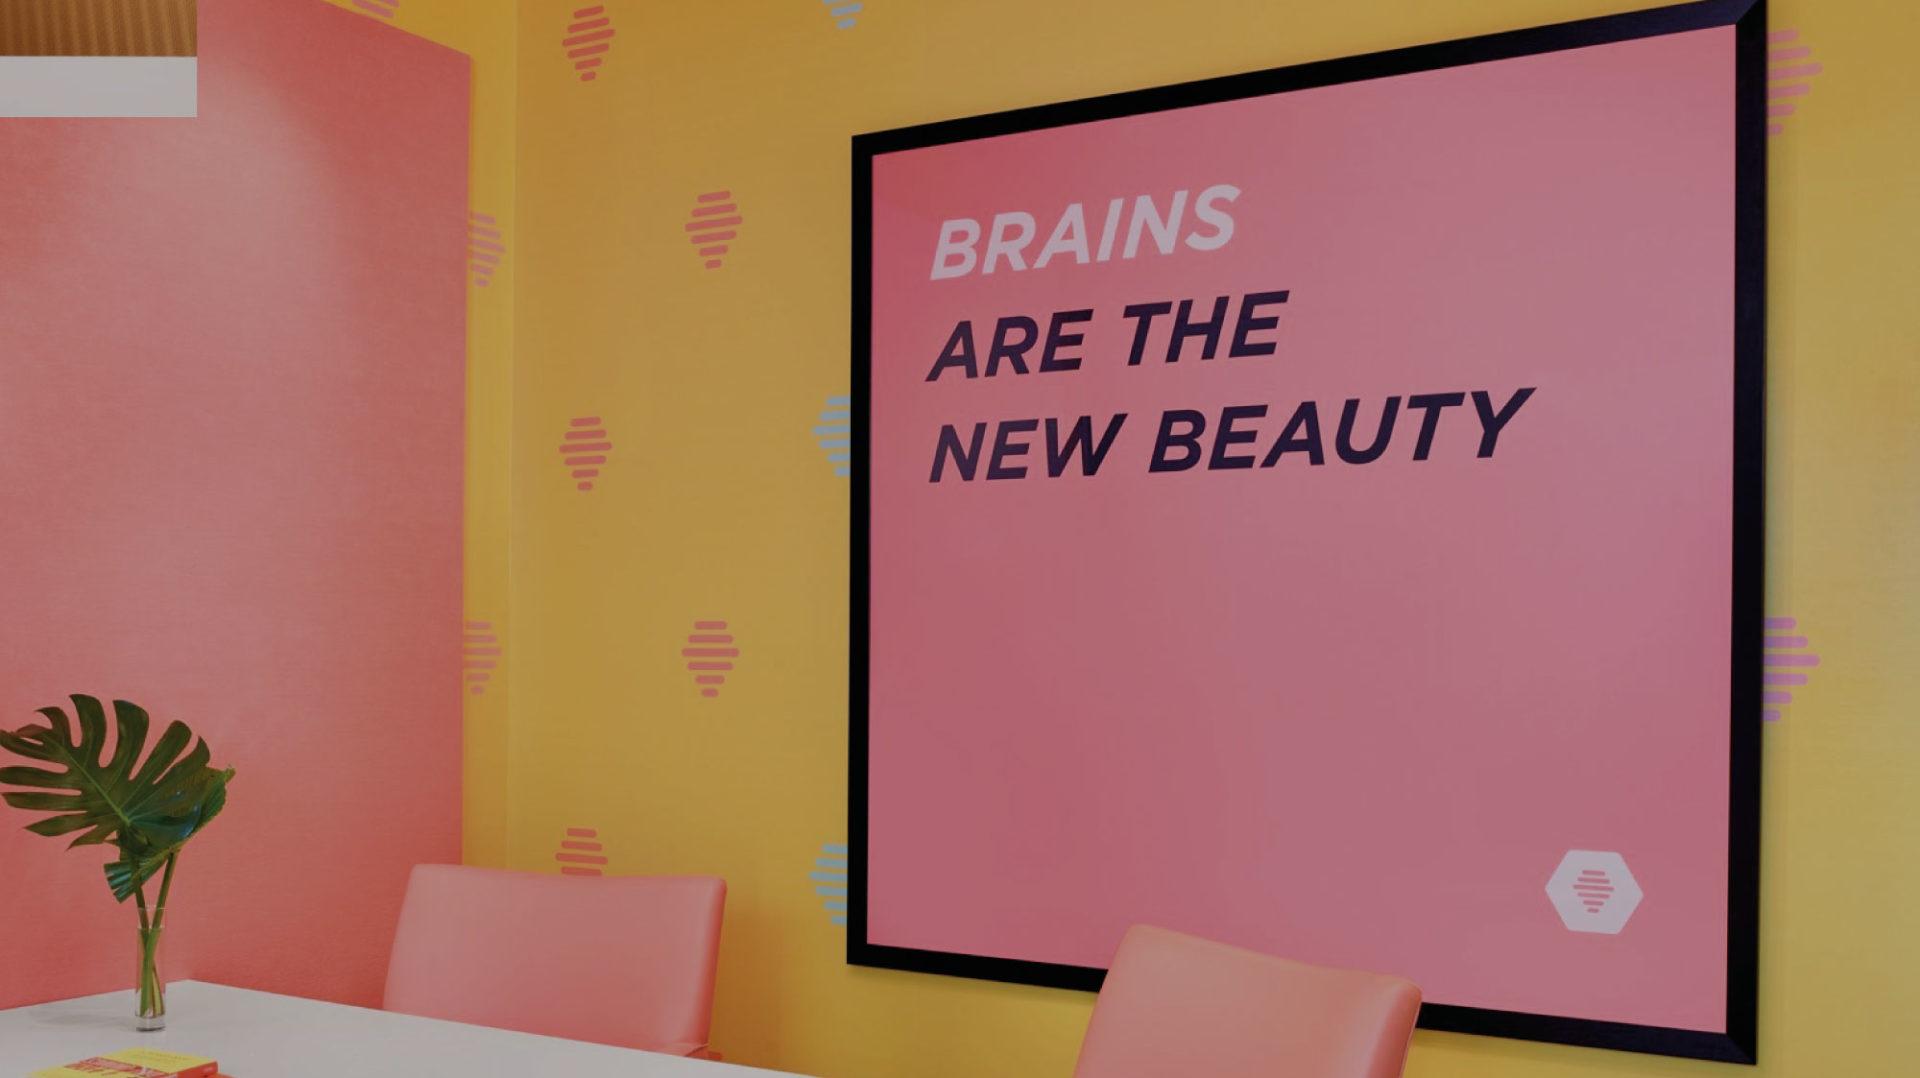 Kunstwerk, Farbe, Pflanzenwand: Wie gestaltet man Bürowände?